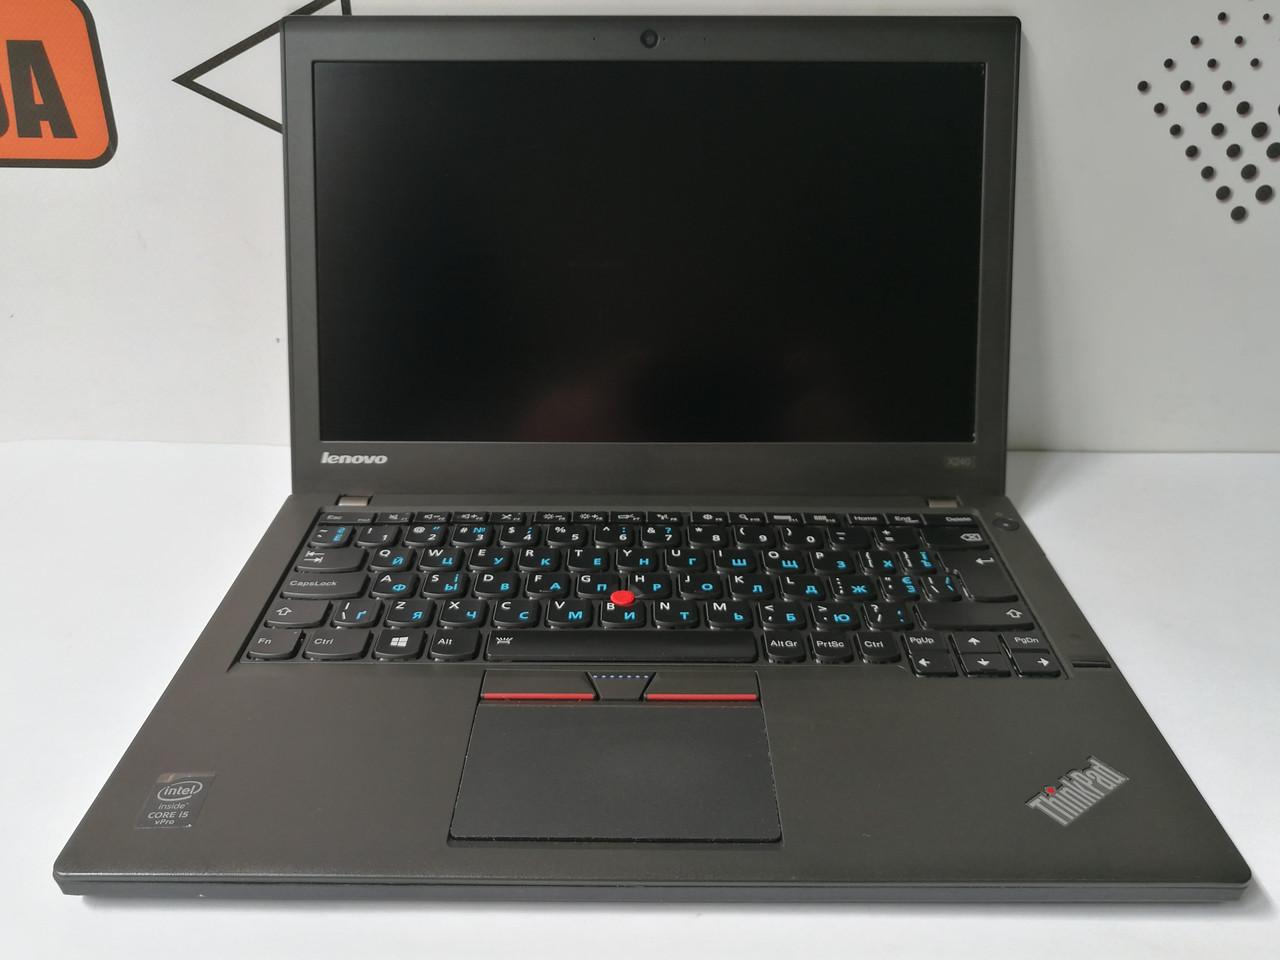 """Ноутбук Lenovo ThinkPad x250, 12.5"""", Intel Core i5-5200U 2.7GHz, RAM 8ГБ, SSD 128ГБ, Акция!"""